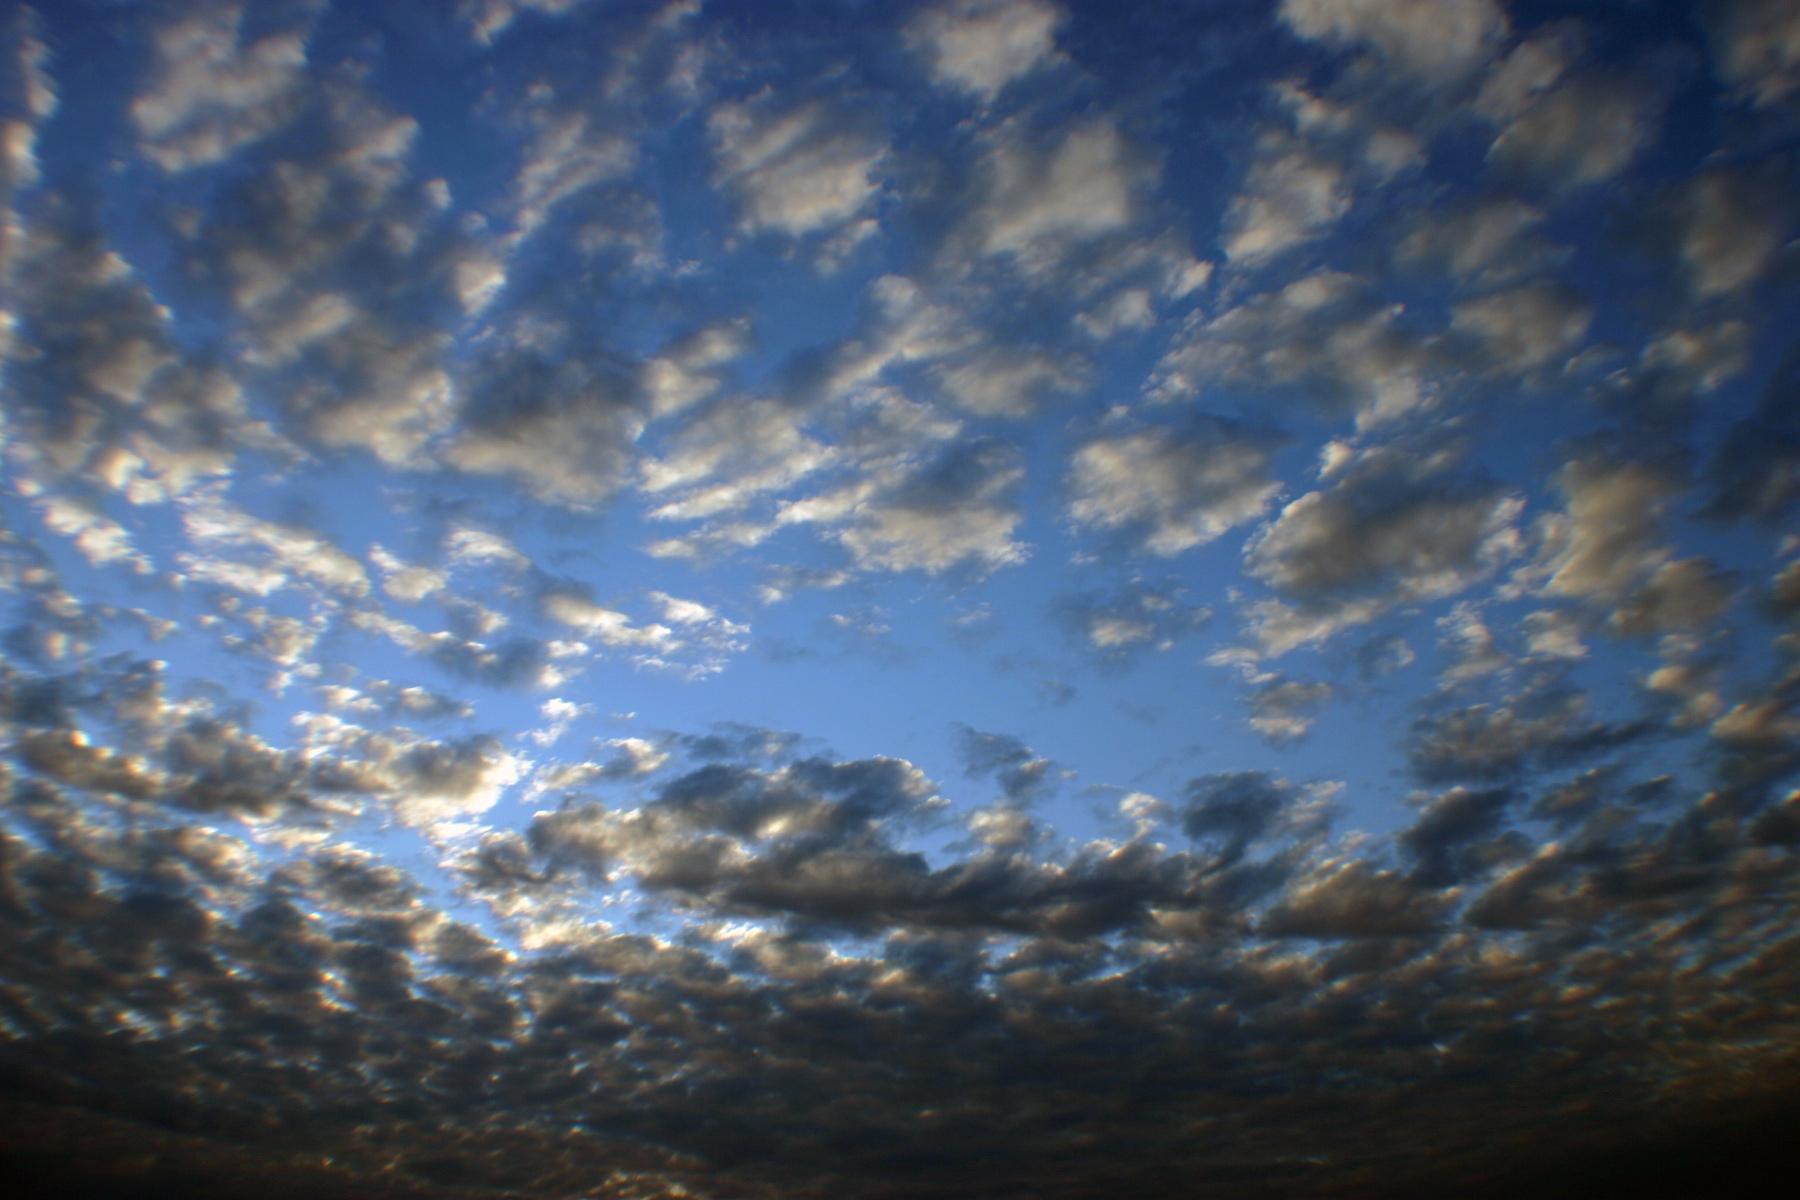 Dark cloudy sky, Blue, Clouds, Cloudy, Dark, HQ Photo